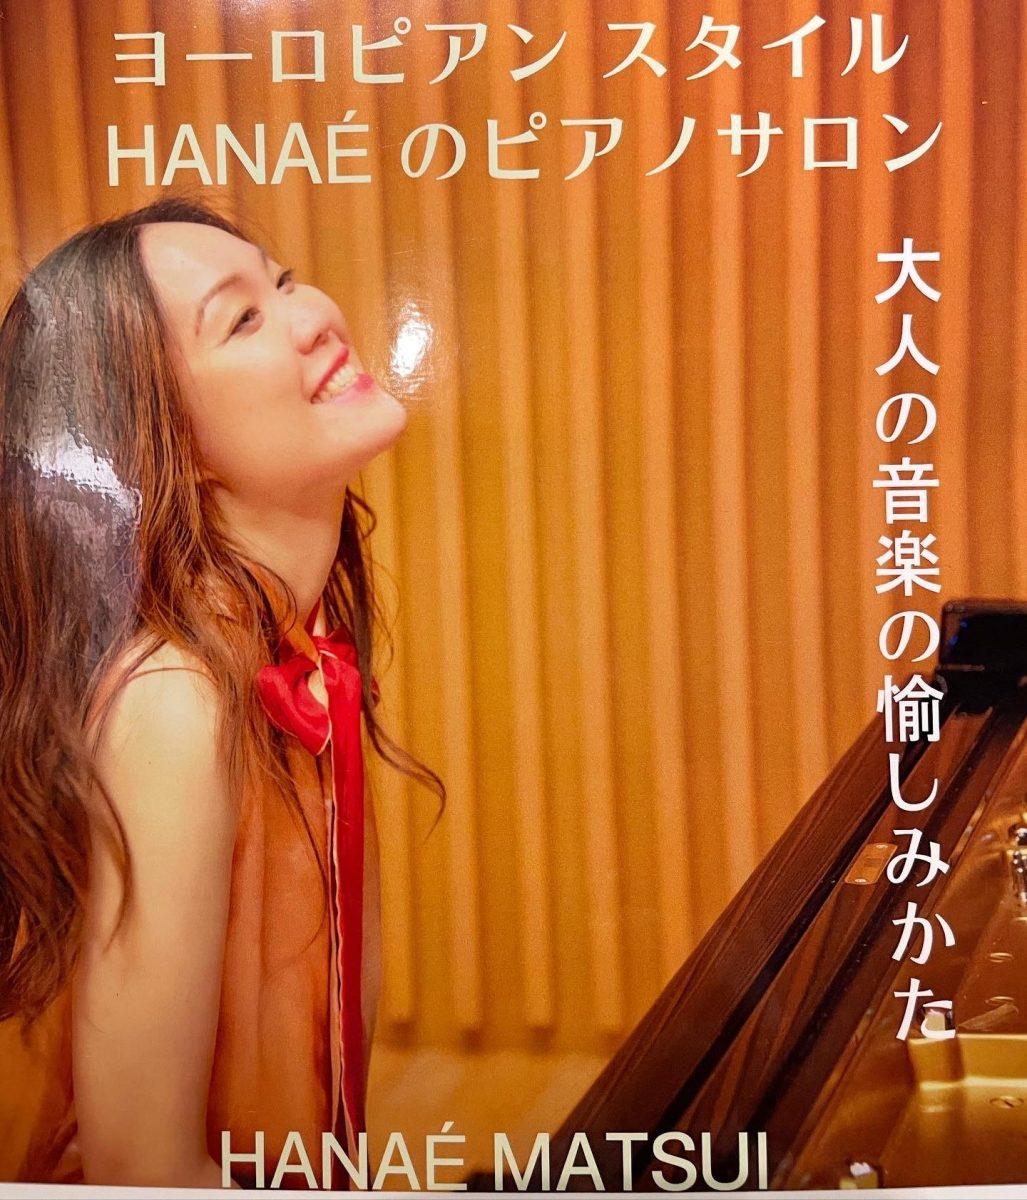 ヨーロピアンスタイル♪ HANAÉ のピアノサロン